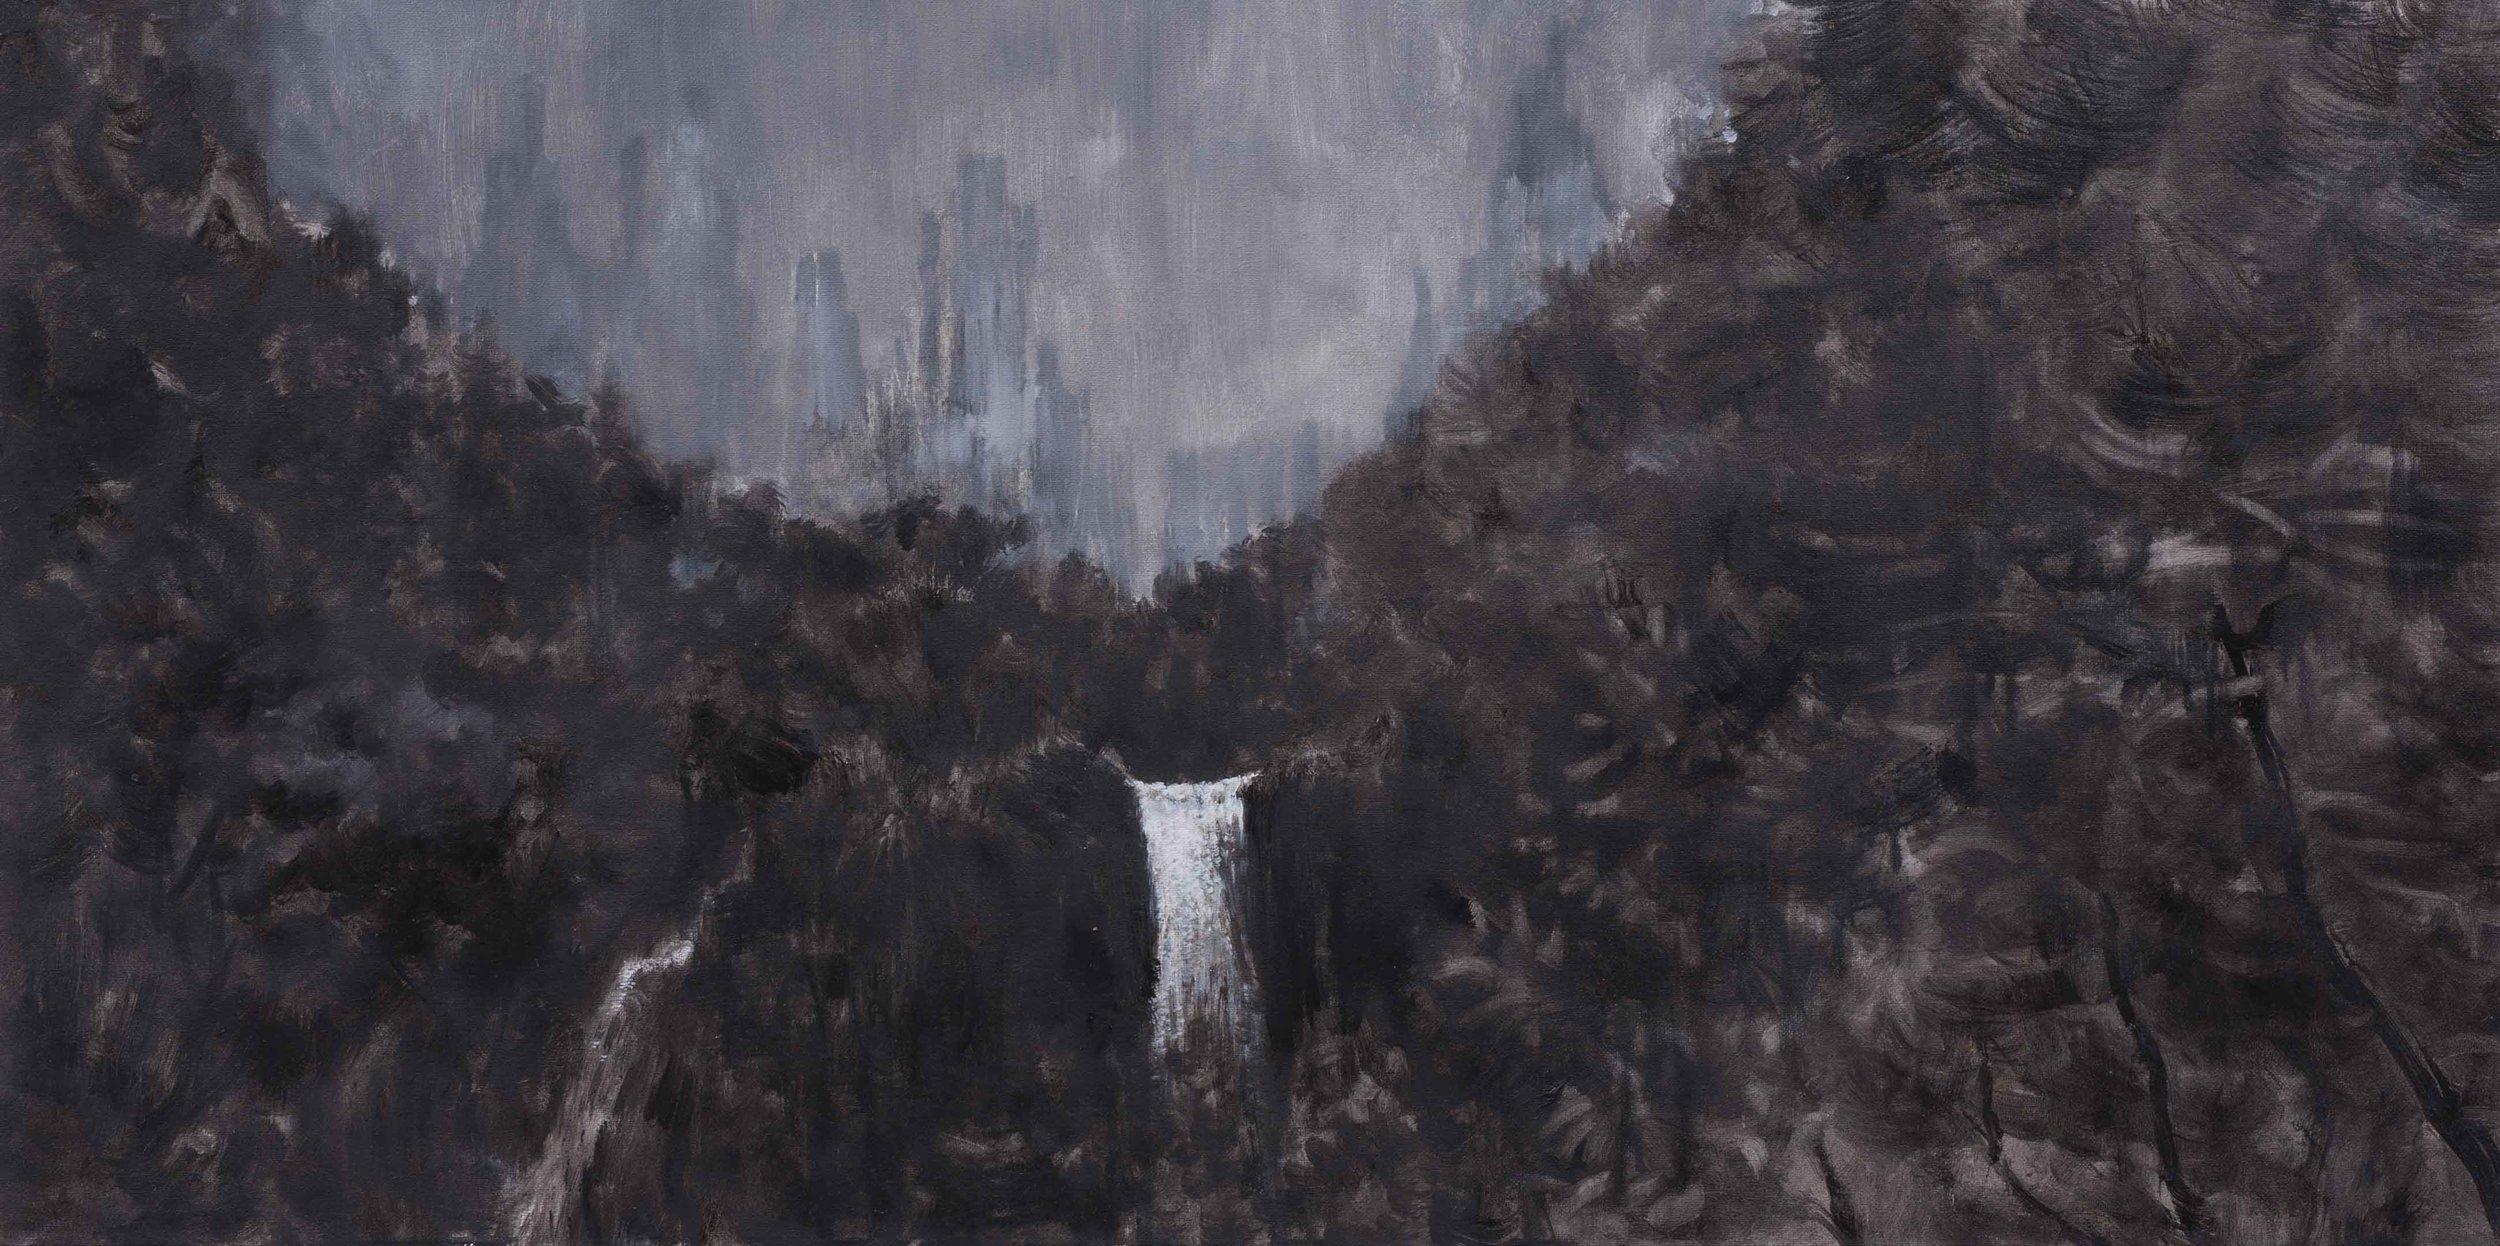 侯俊杰 HOU Junjie〈上善若水·聽泉NO.7 The Supreme Good is Like Water-Listening to the Spring NO.7〉